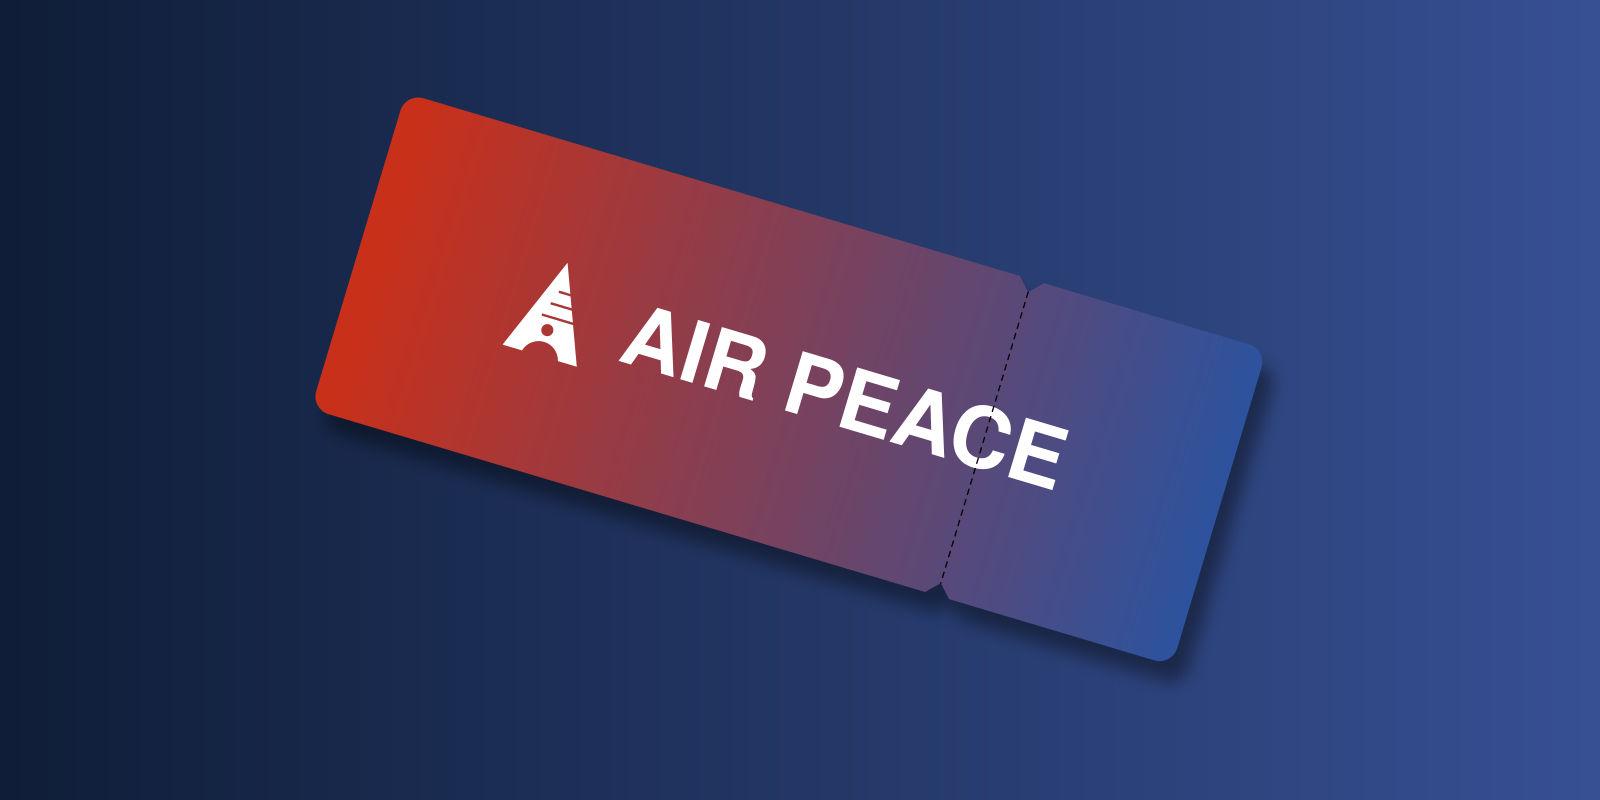 Air_peace_boarding_pass3